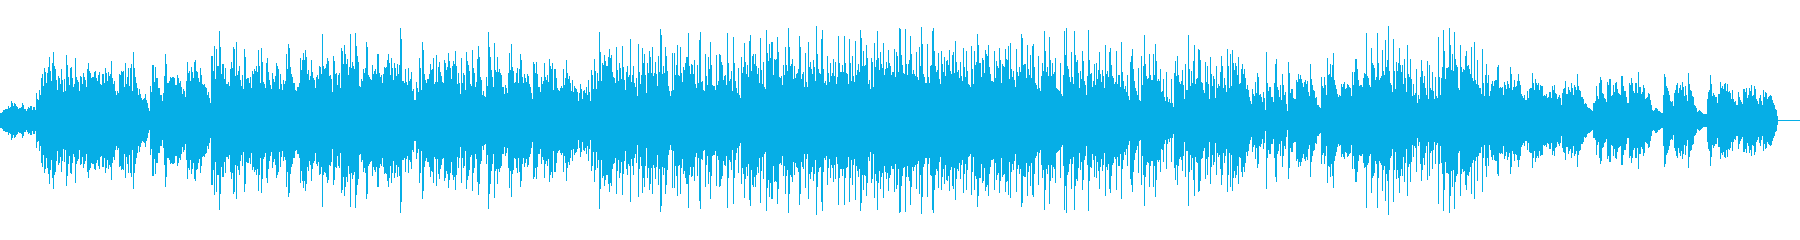 温かいエレピが印象的な明るく優しい曲の再生済みの波形